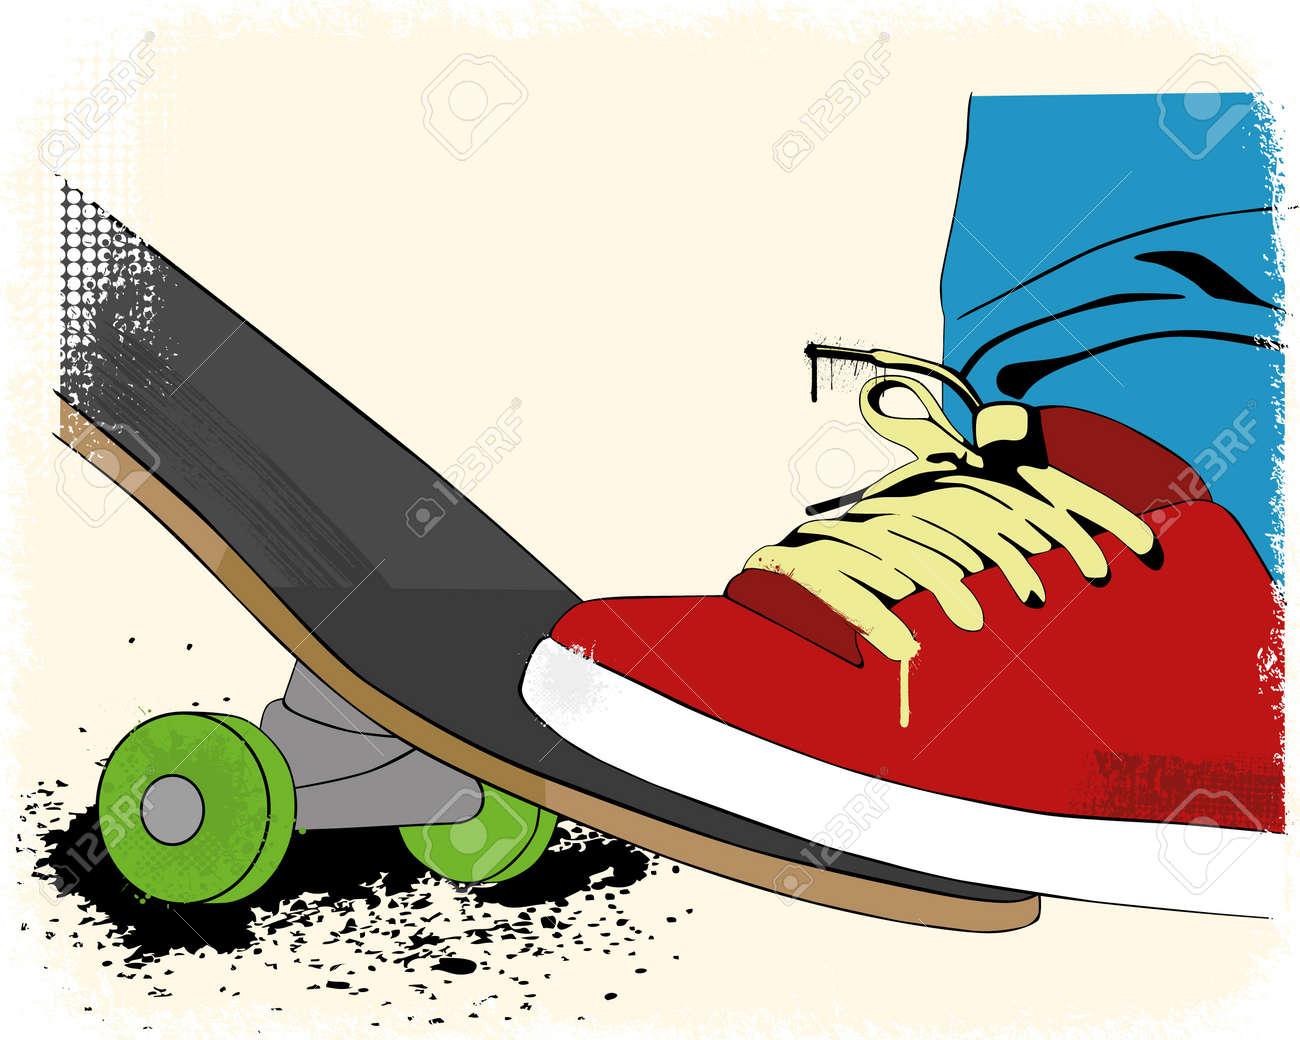 Grunge skate boarding background - 16970169